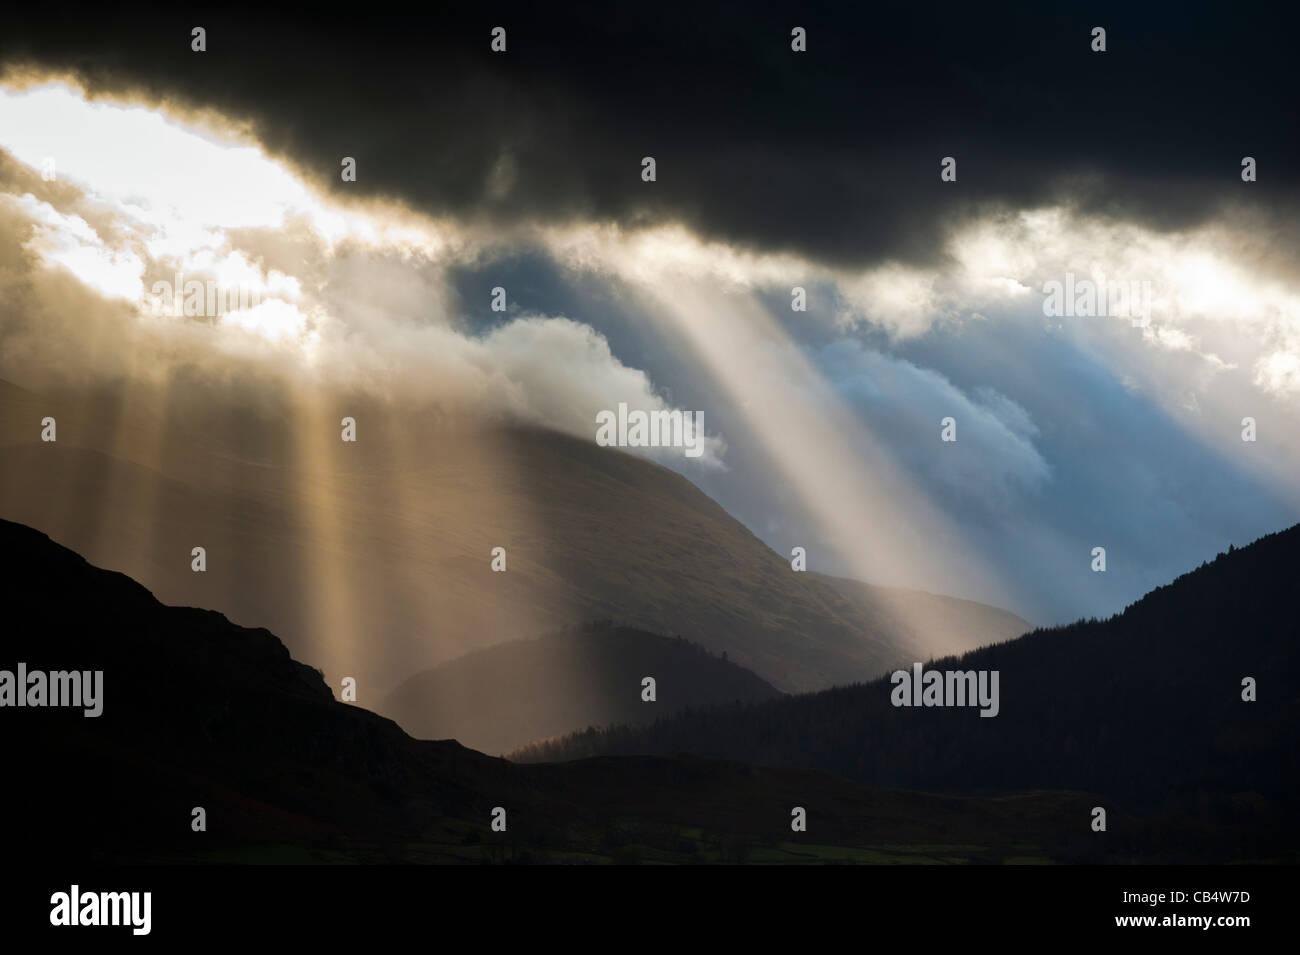 Drammatico cielo tempestoso sulle colline e montagne nel Lake District Cumbria Inghilterra England Regno Unito Immagini Stock